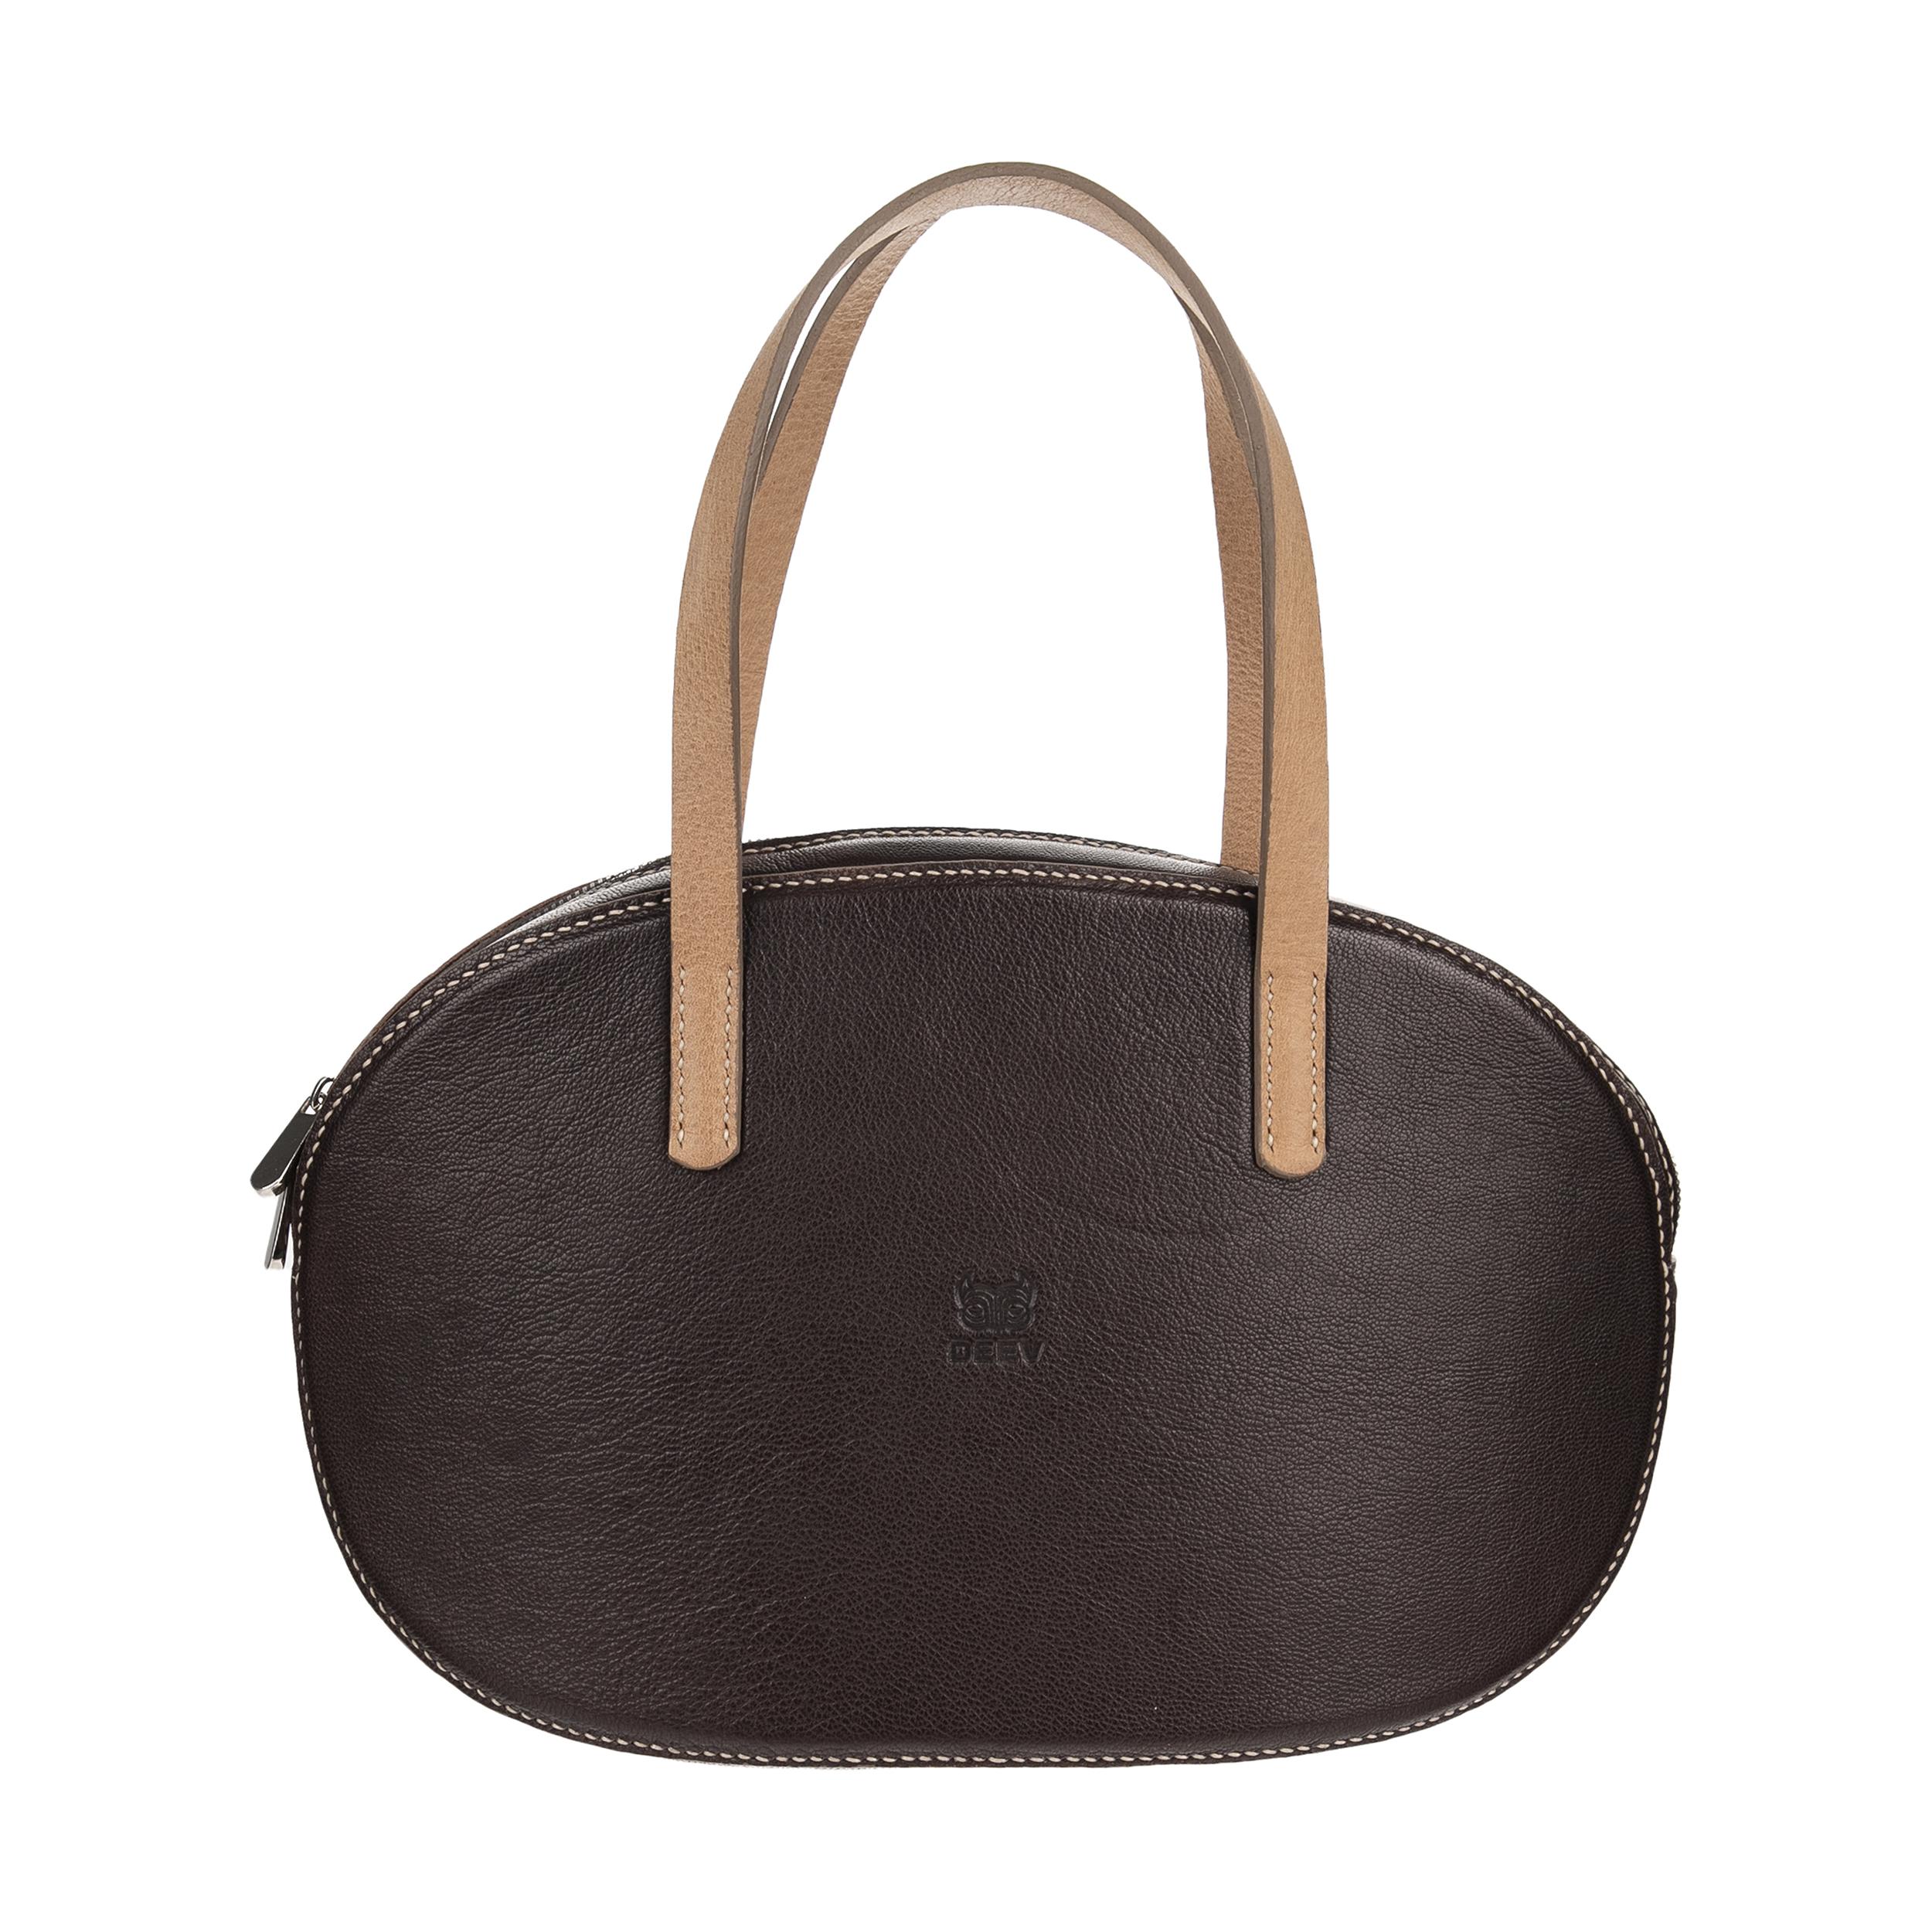 قیمت کیف دستی زنانه دیو مدل 1573101-36